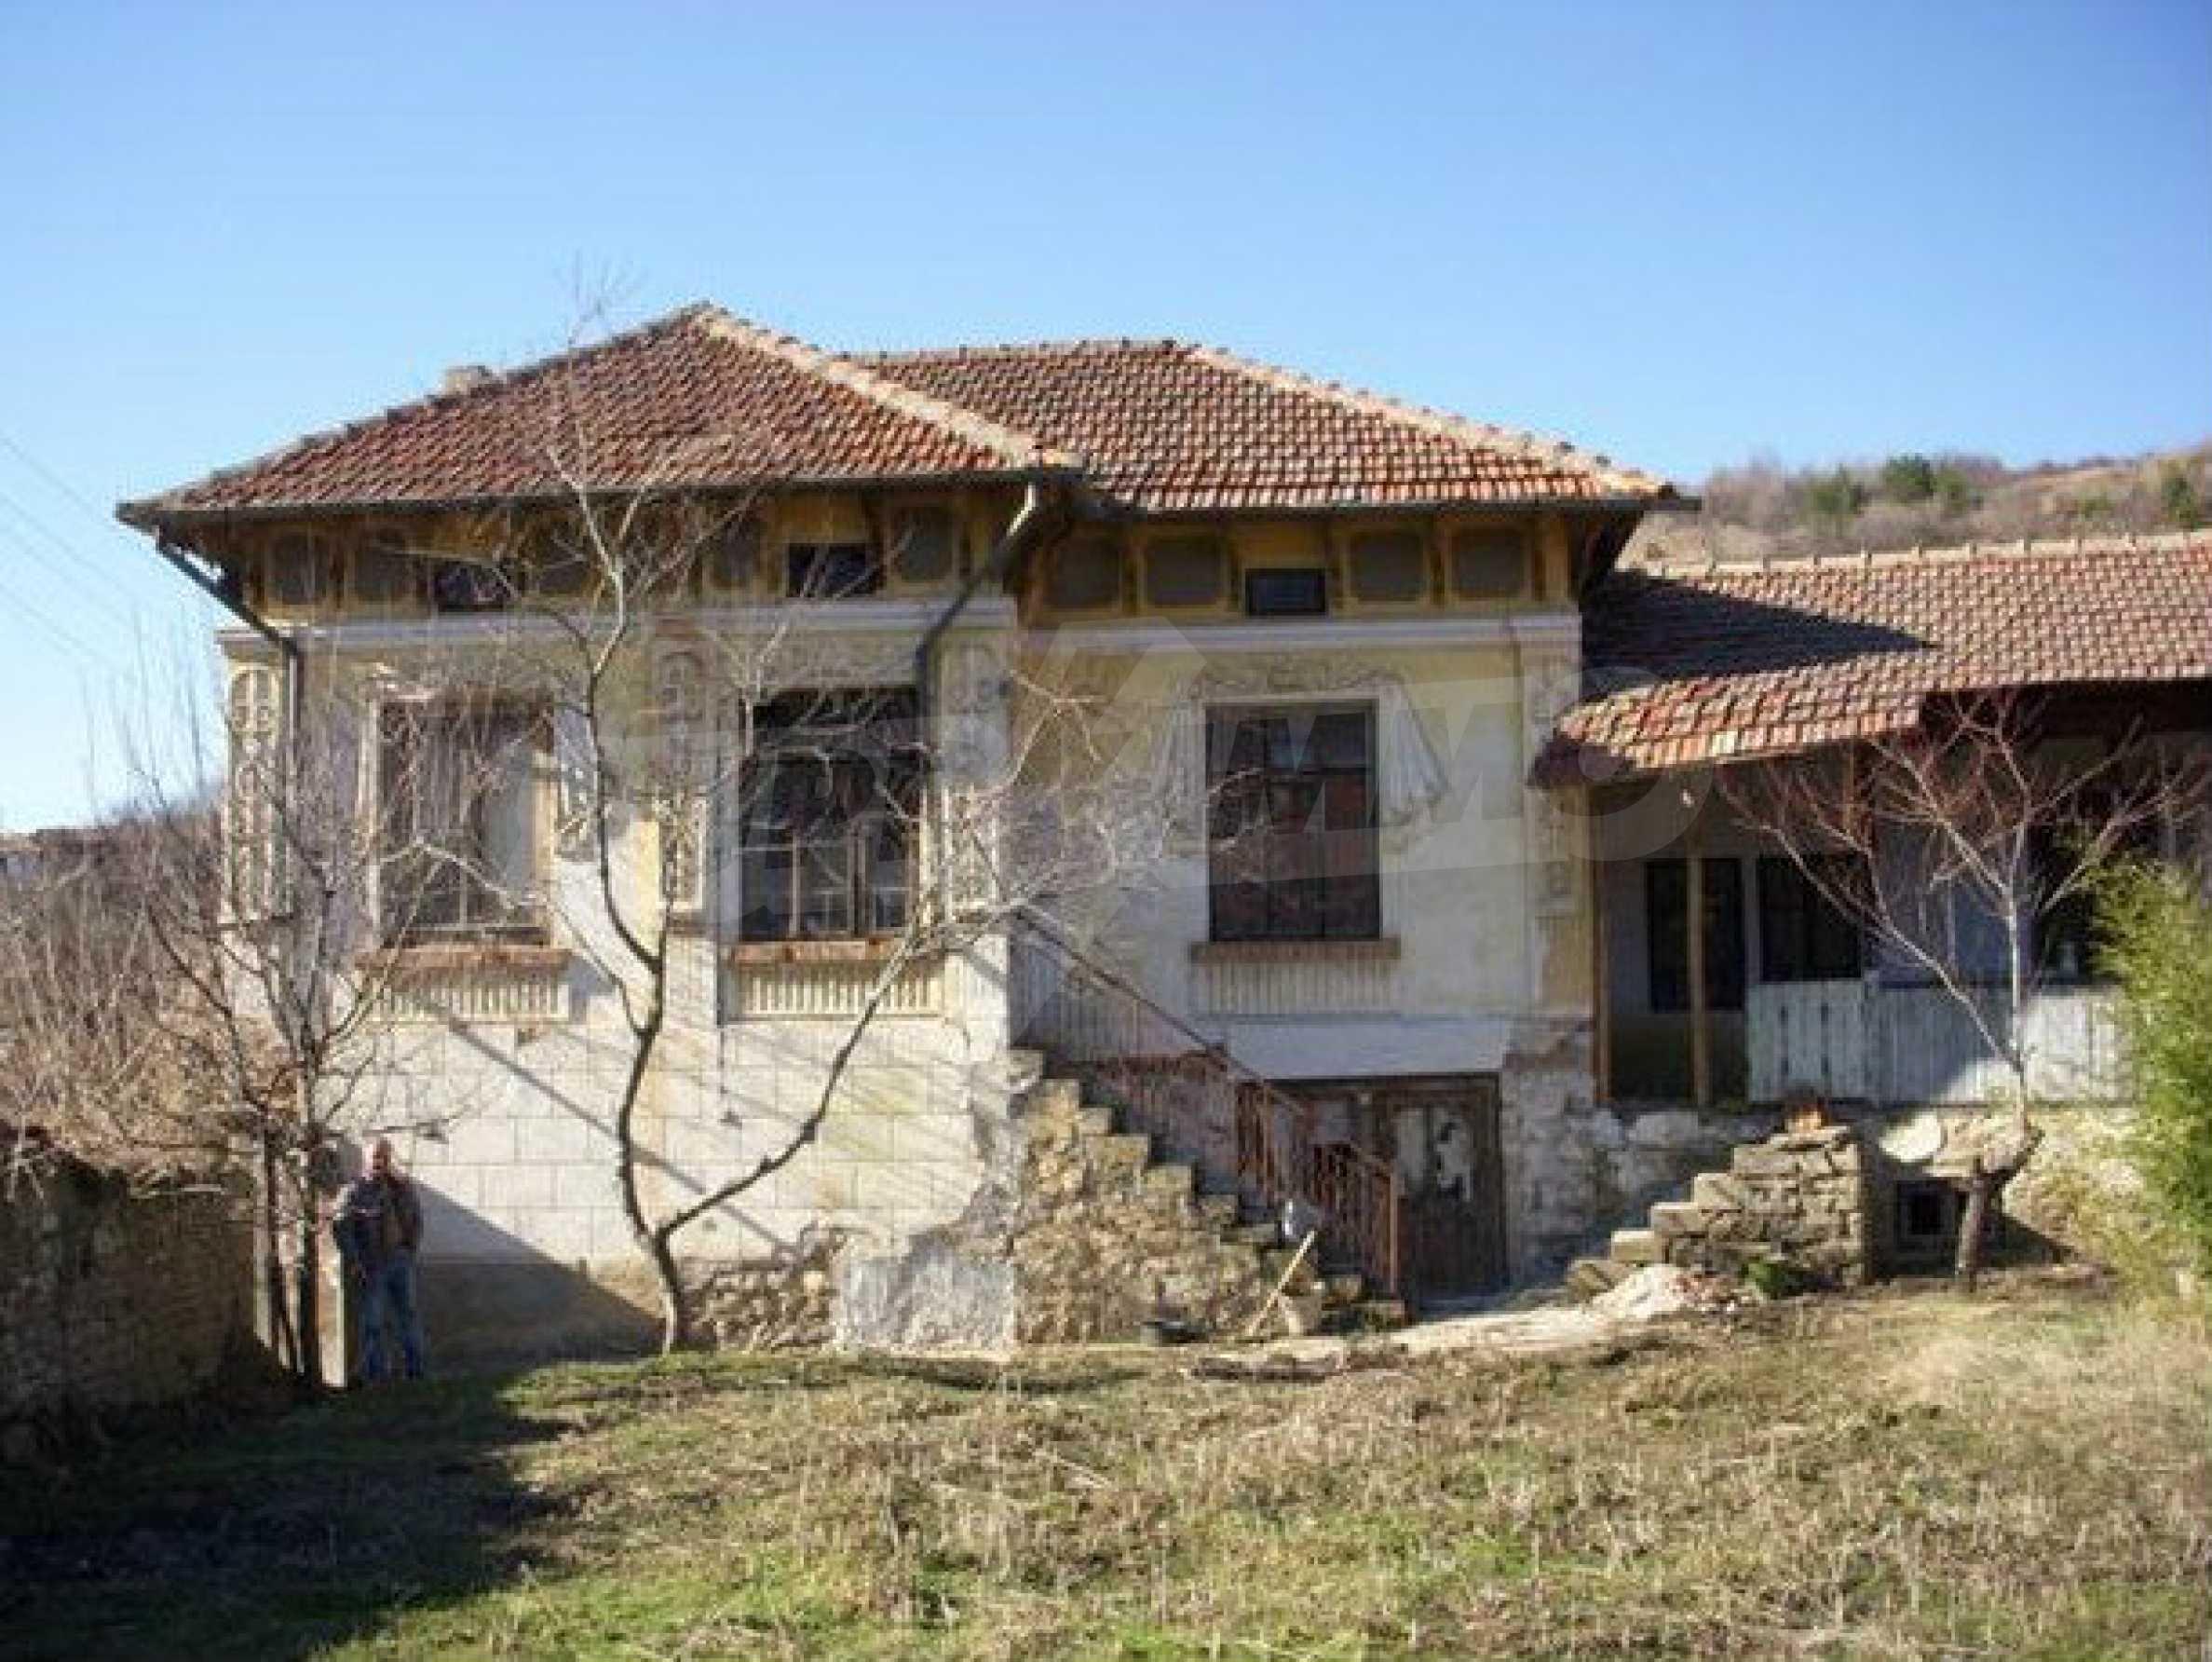 Geräumiges Haus mit einem ehemaligen Weinkeller zur Renovierung in der Nähe der Stadt Pavlikeni 6